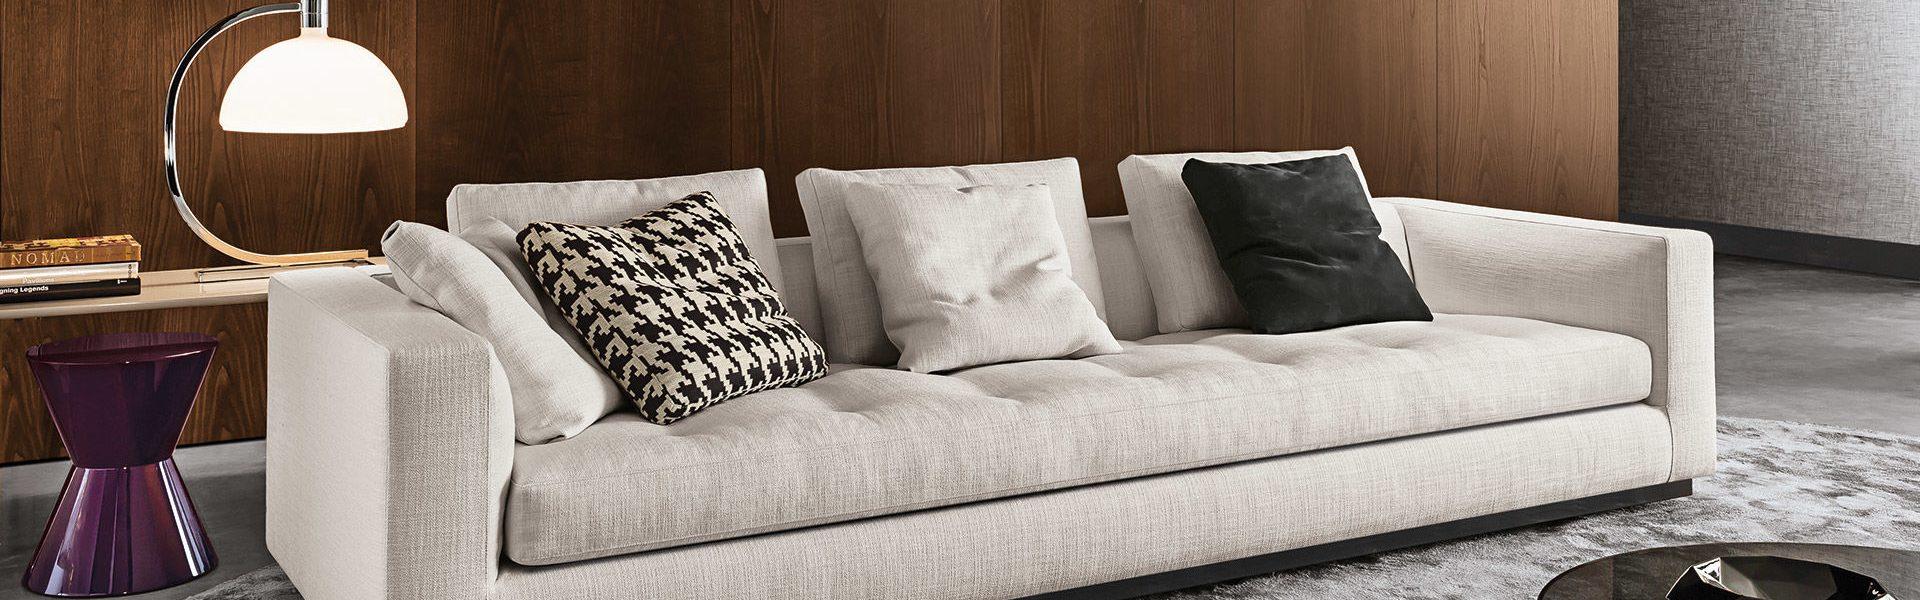 Andersen Line Quilt Sofa